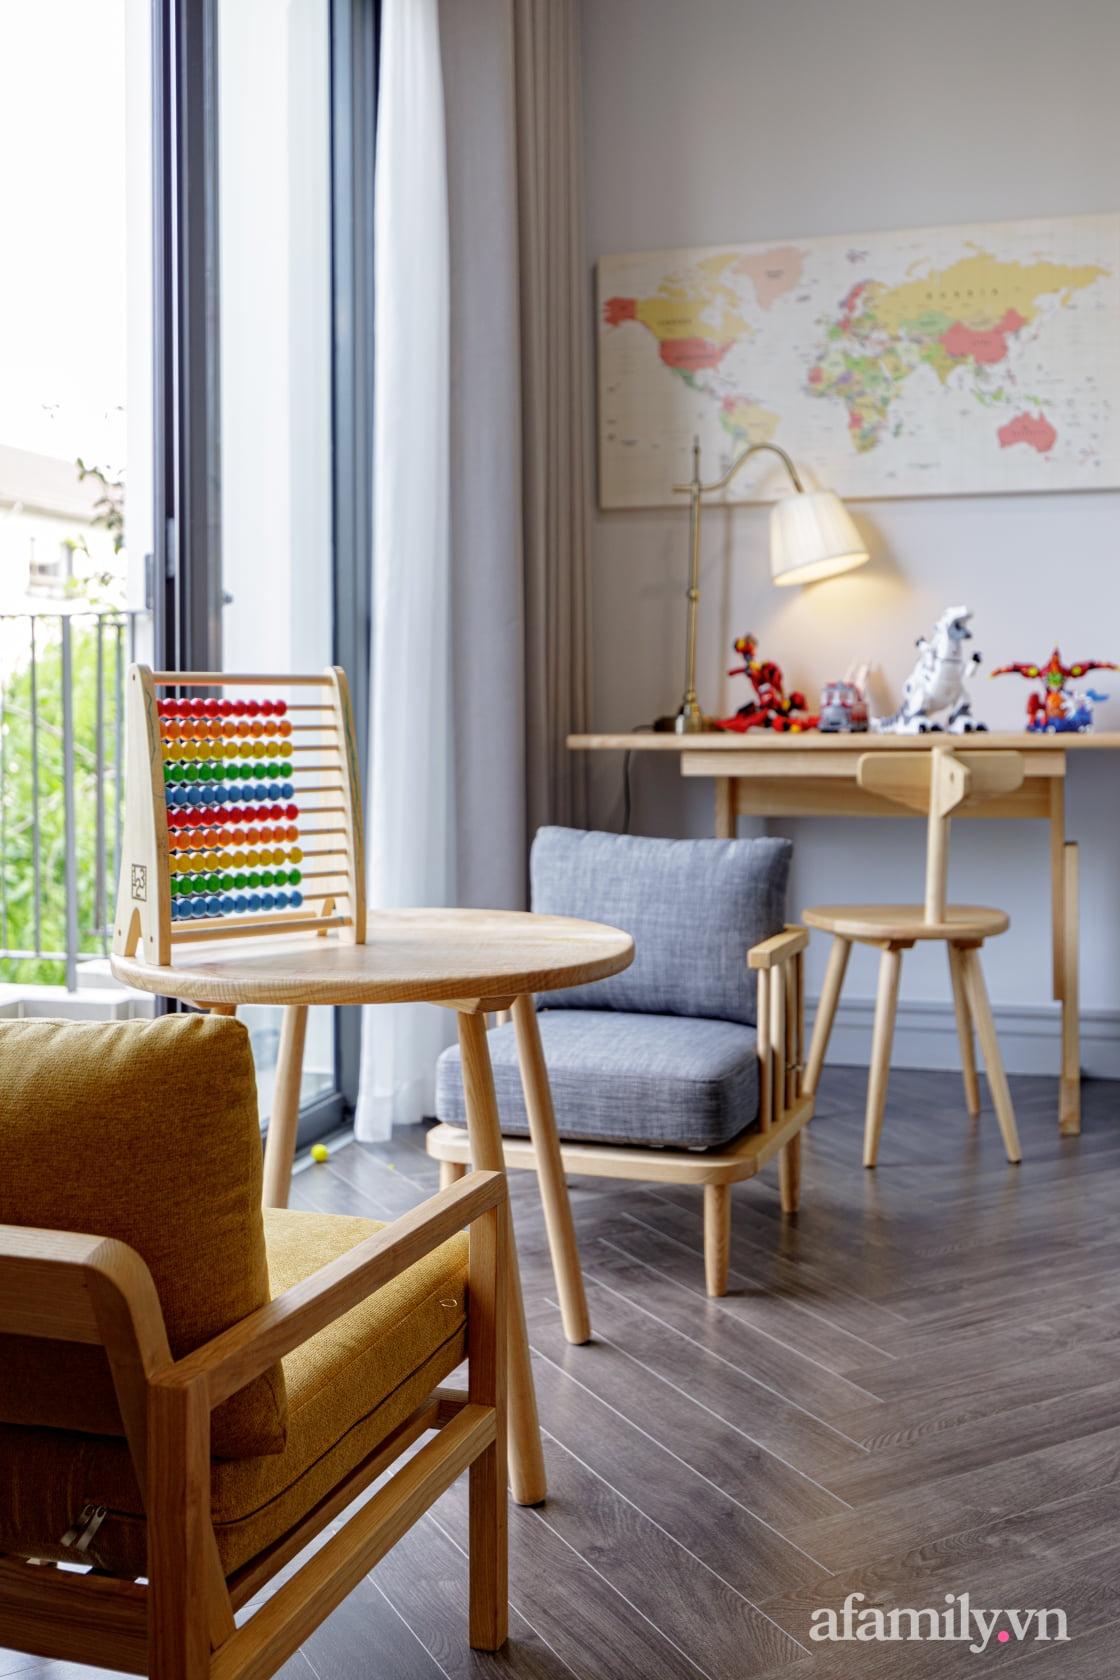 Nhà phố 3 tầng đẹp sang trọng với nội thất cực chất theo phong cách Traditional ở Hà Nội - Ảnh 24.